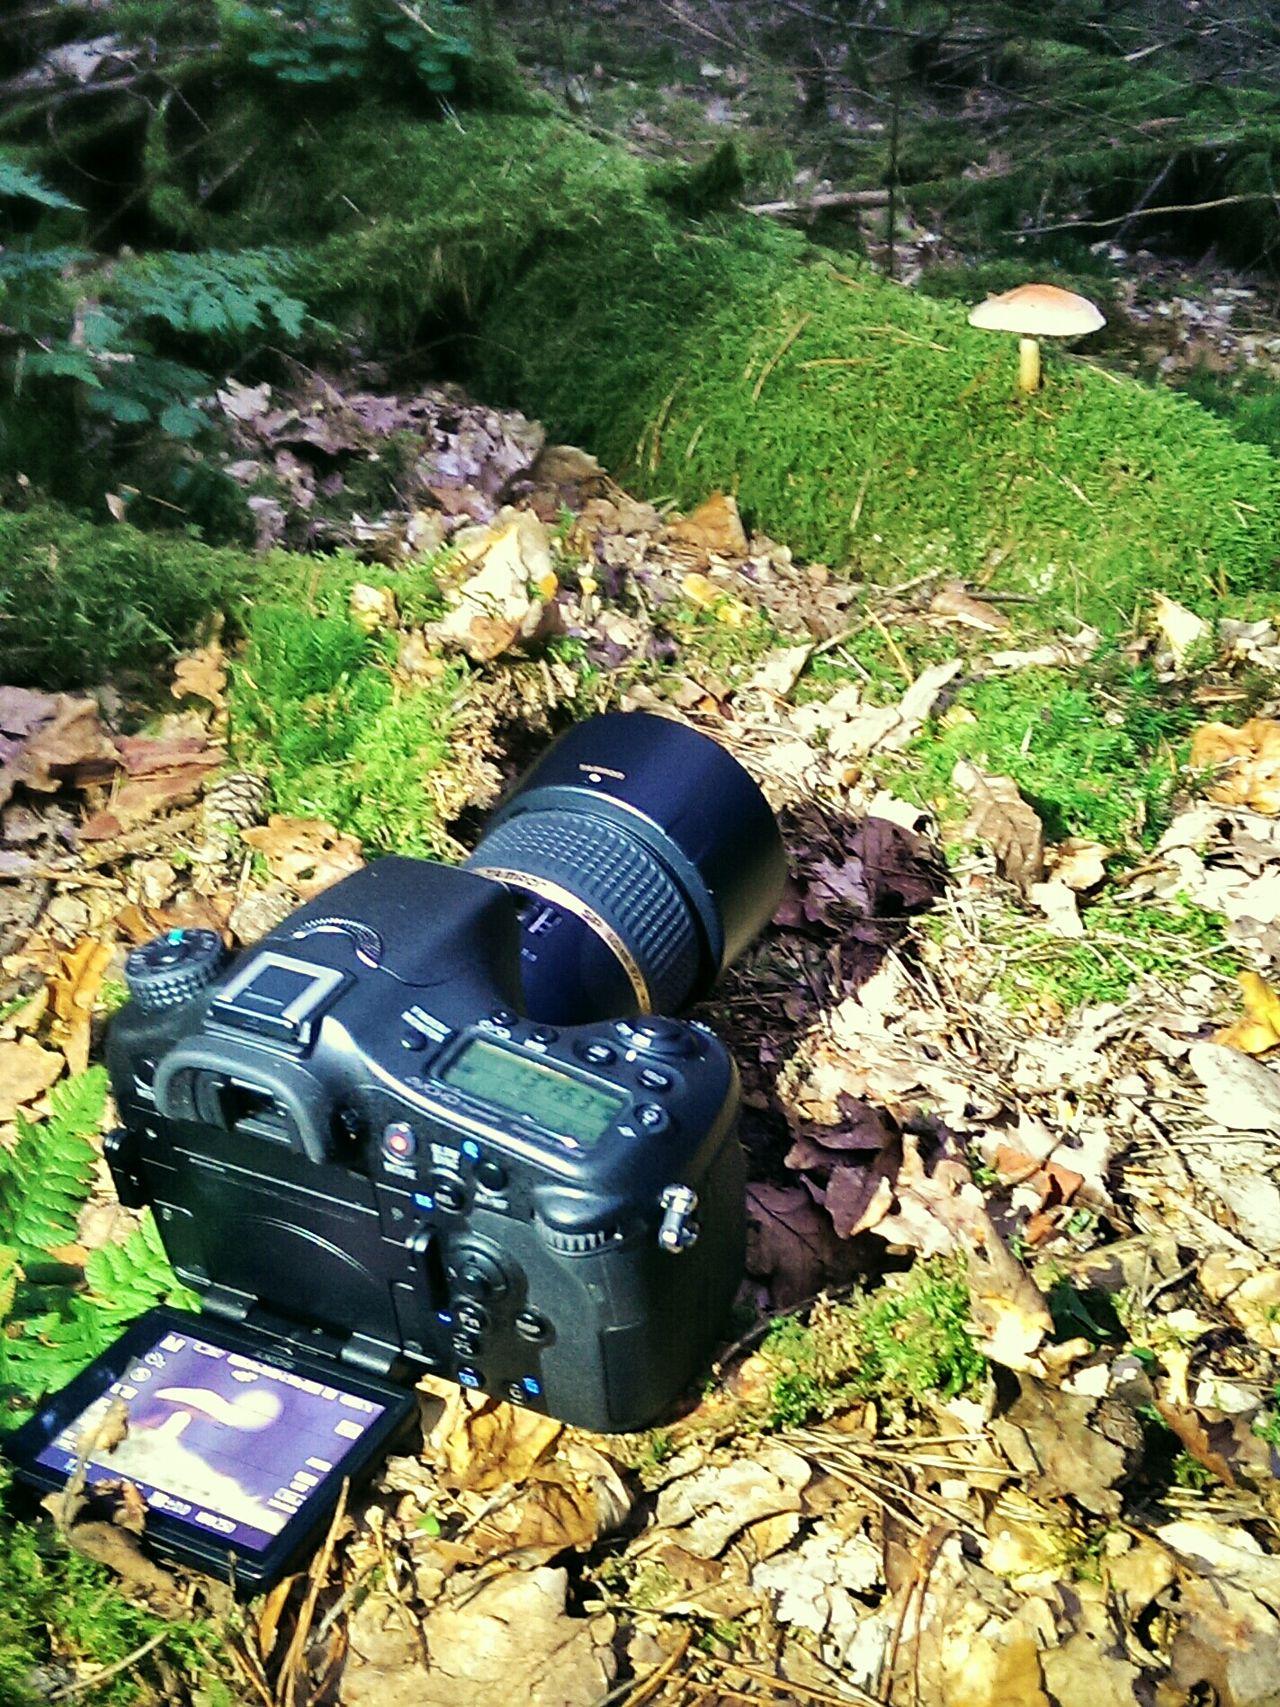 My hobby My Hobby My Camera Taking Photos Sony A77 Inthewoods Mushrooms